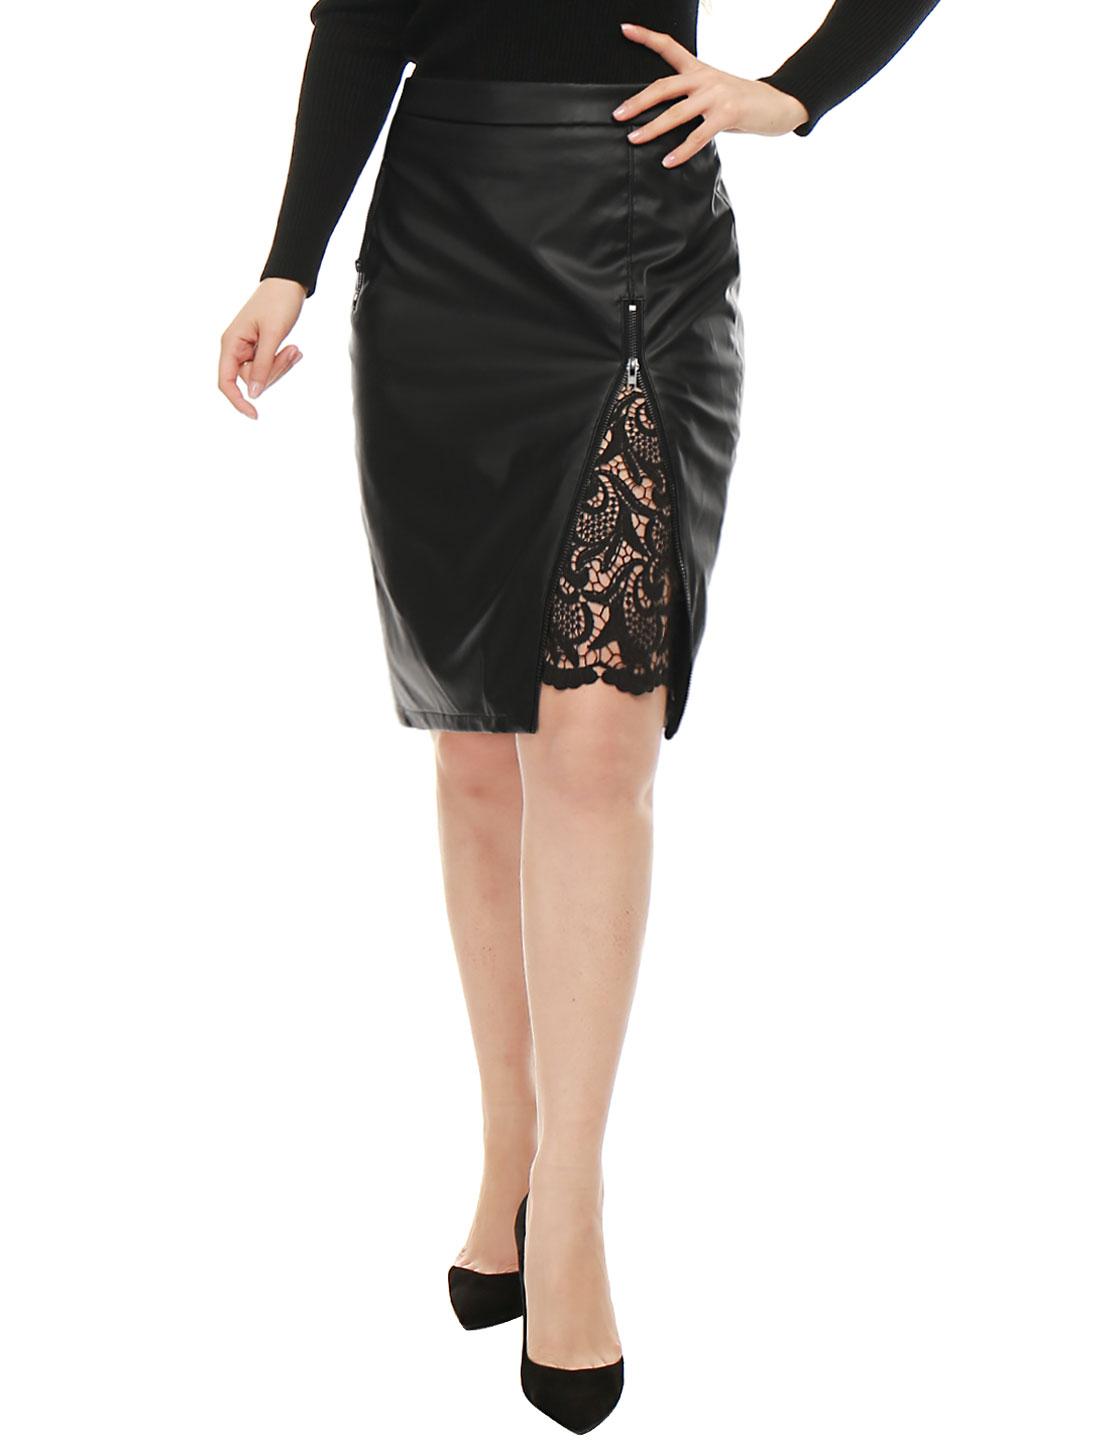 Women High Waist Lace Insert Zip Front PU Pencil Skirt Black XL